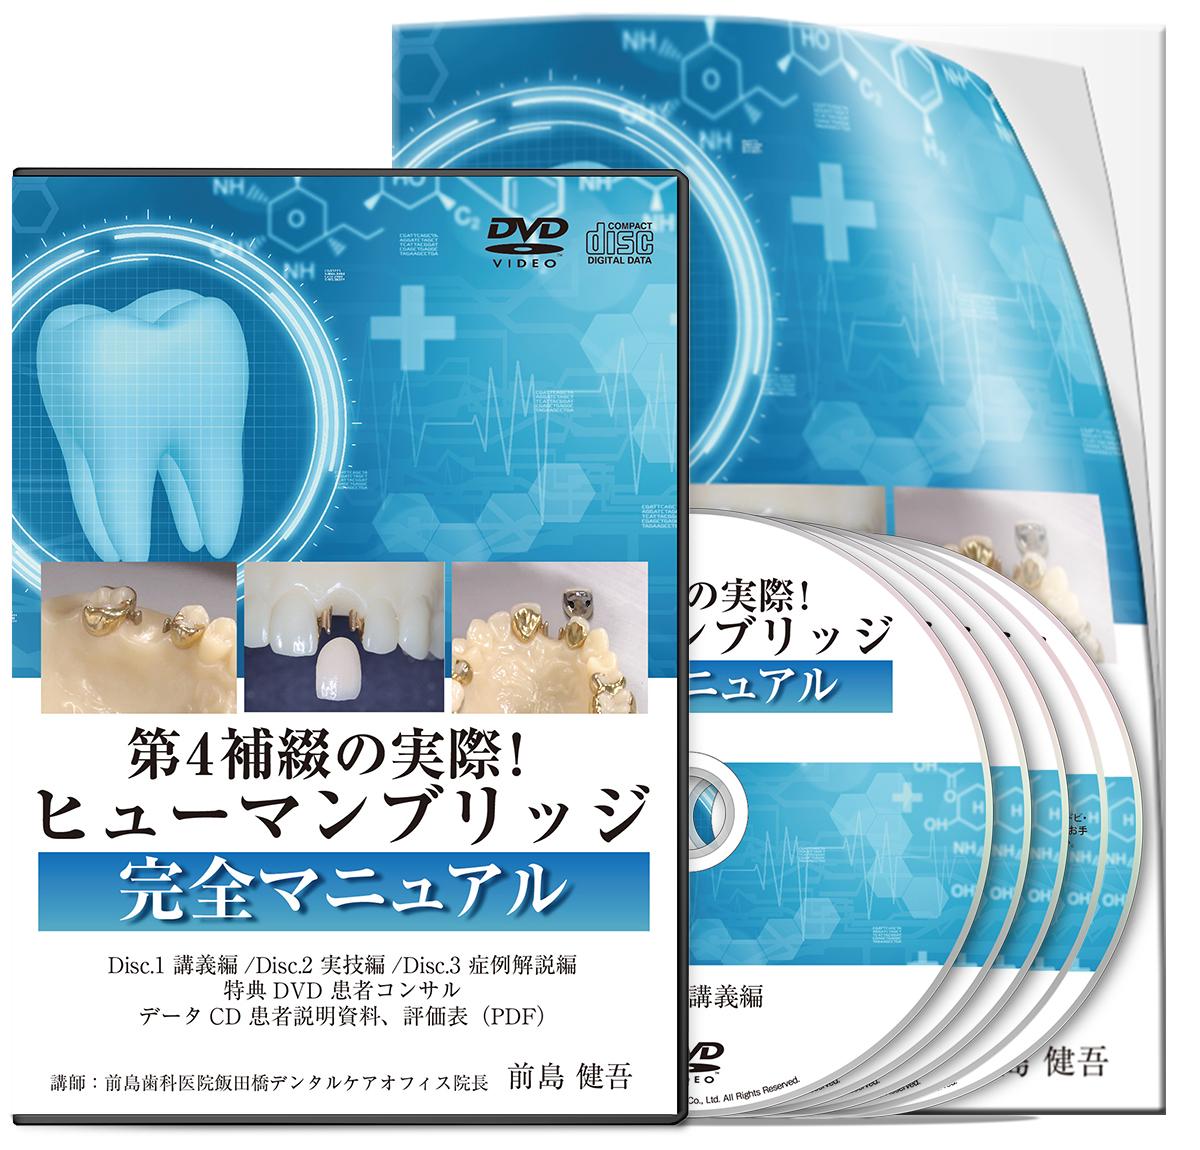 前島PJ-2_第4補綴の実際!ヒューマンブリッジ完全マニュアル-S1│医療情報研究所DVD